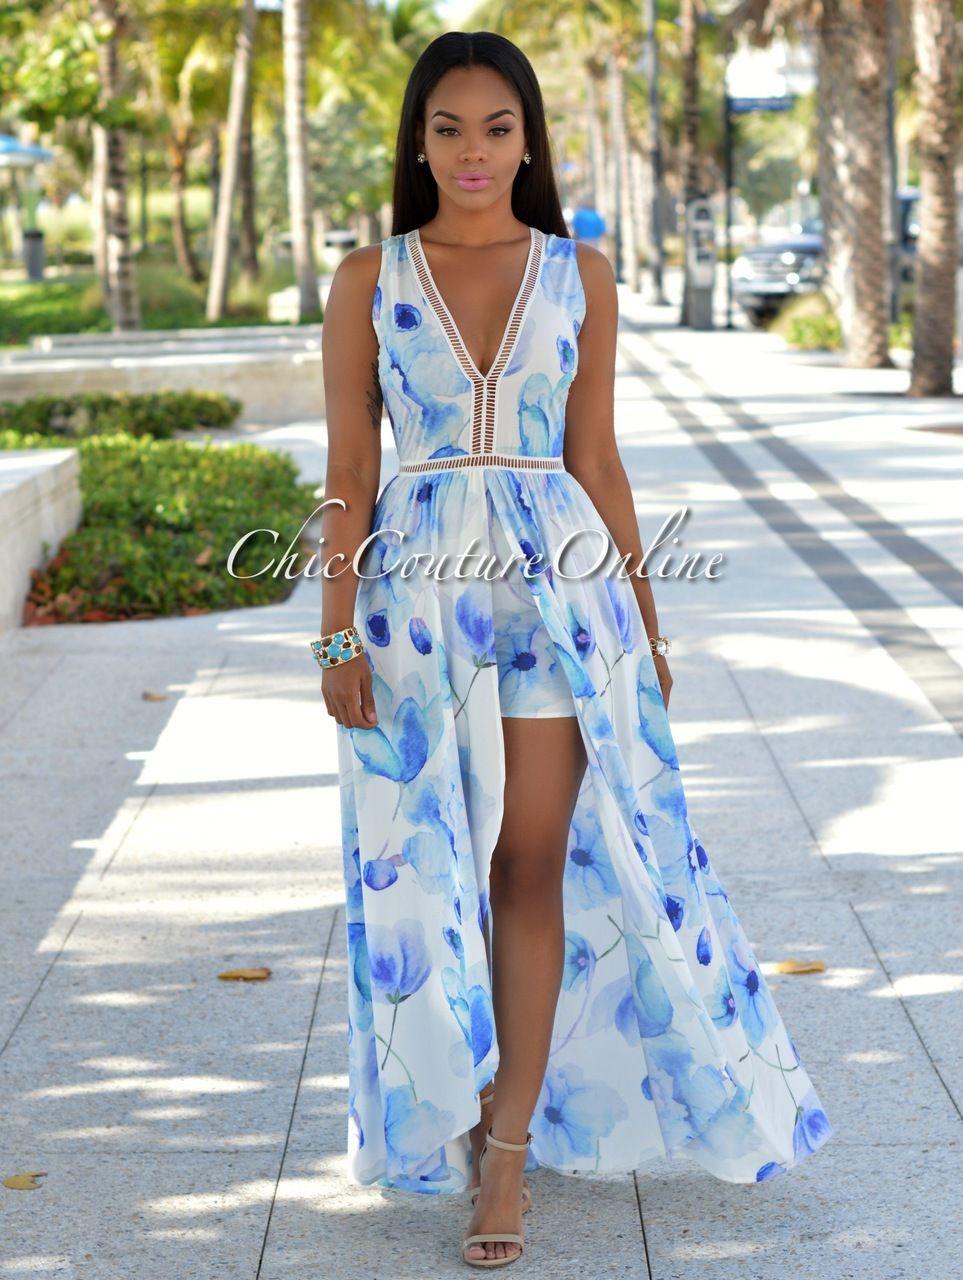 Chic Couture line Edessa White Baby Blue Multi Color